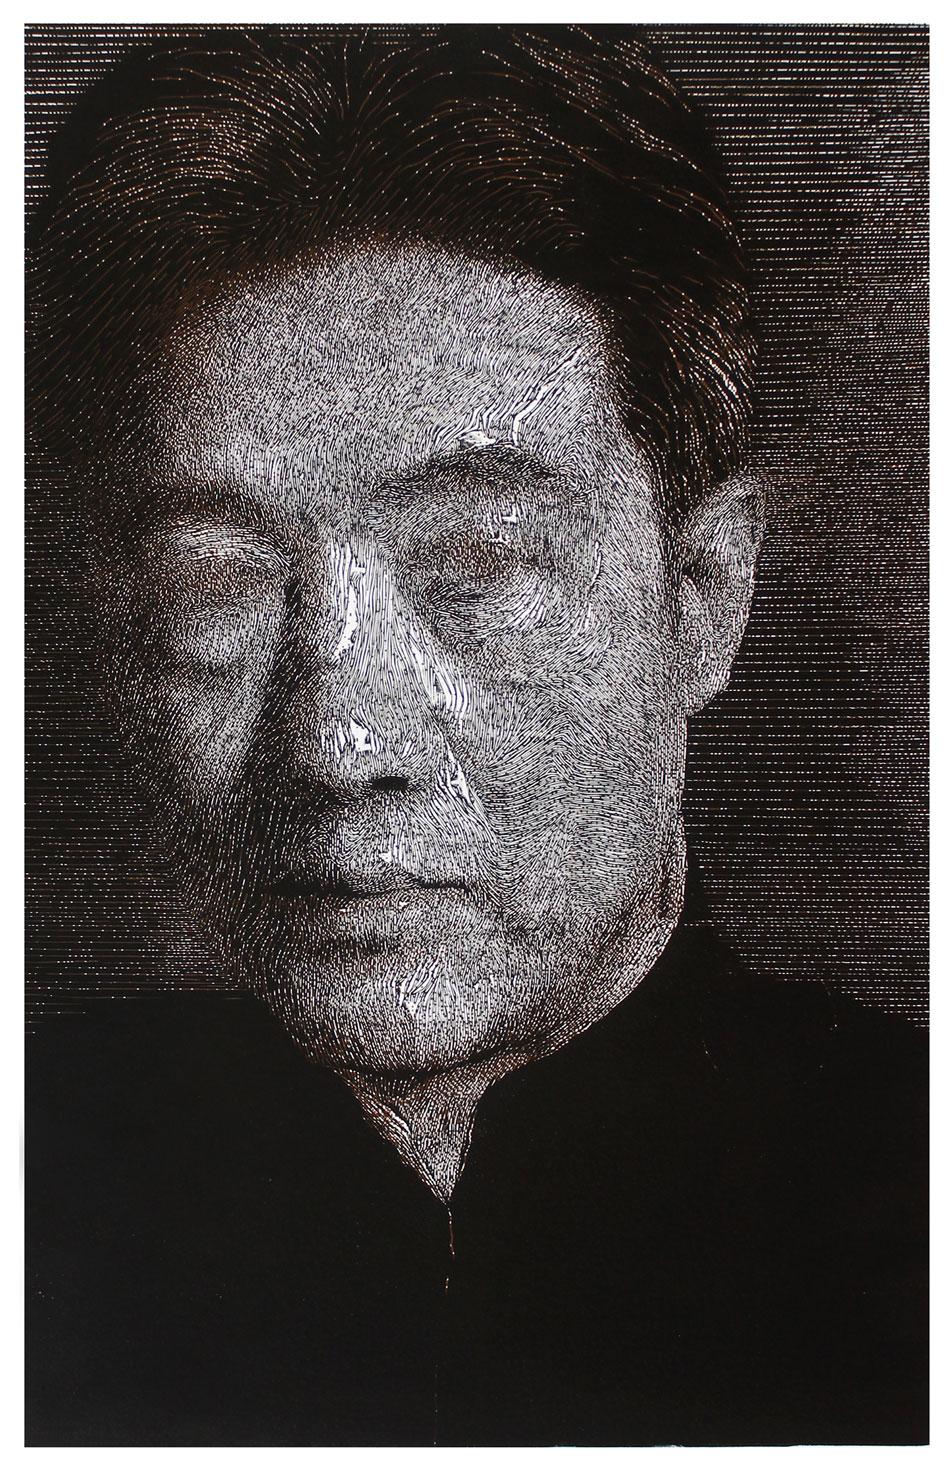 Liu Jing - Printmaker, ArtChina